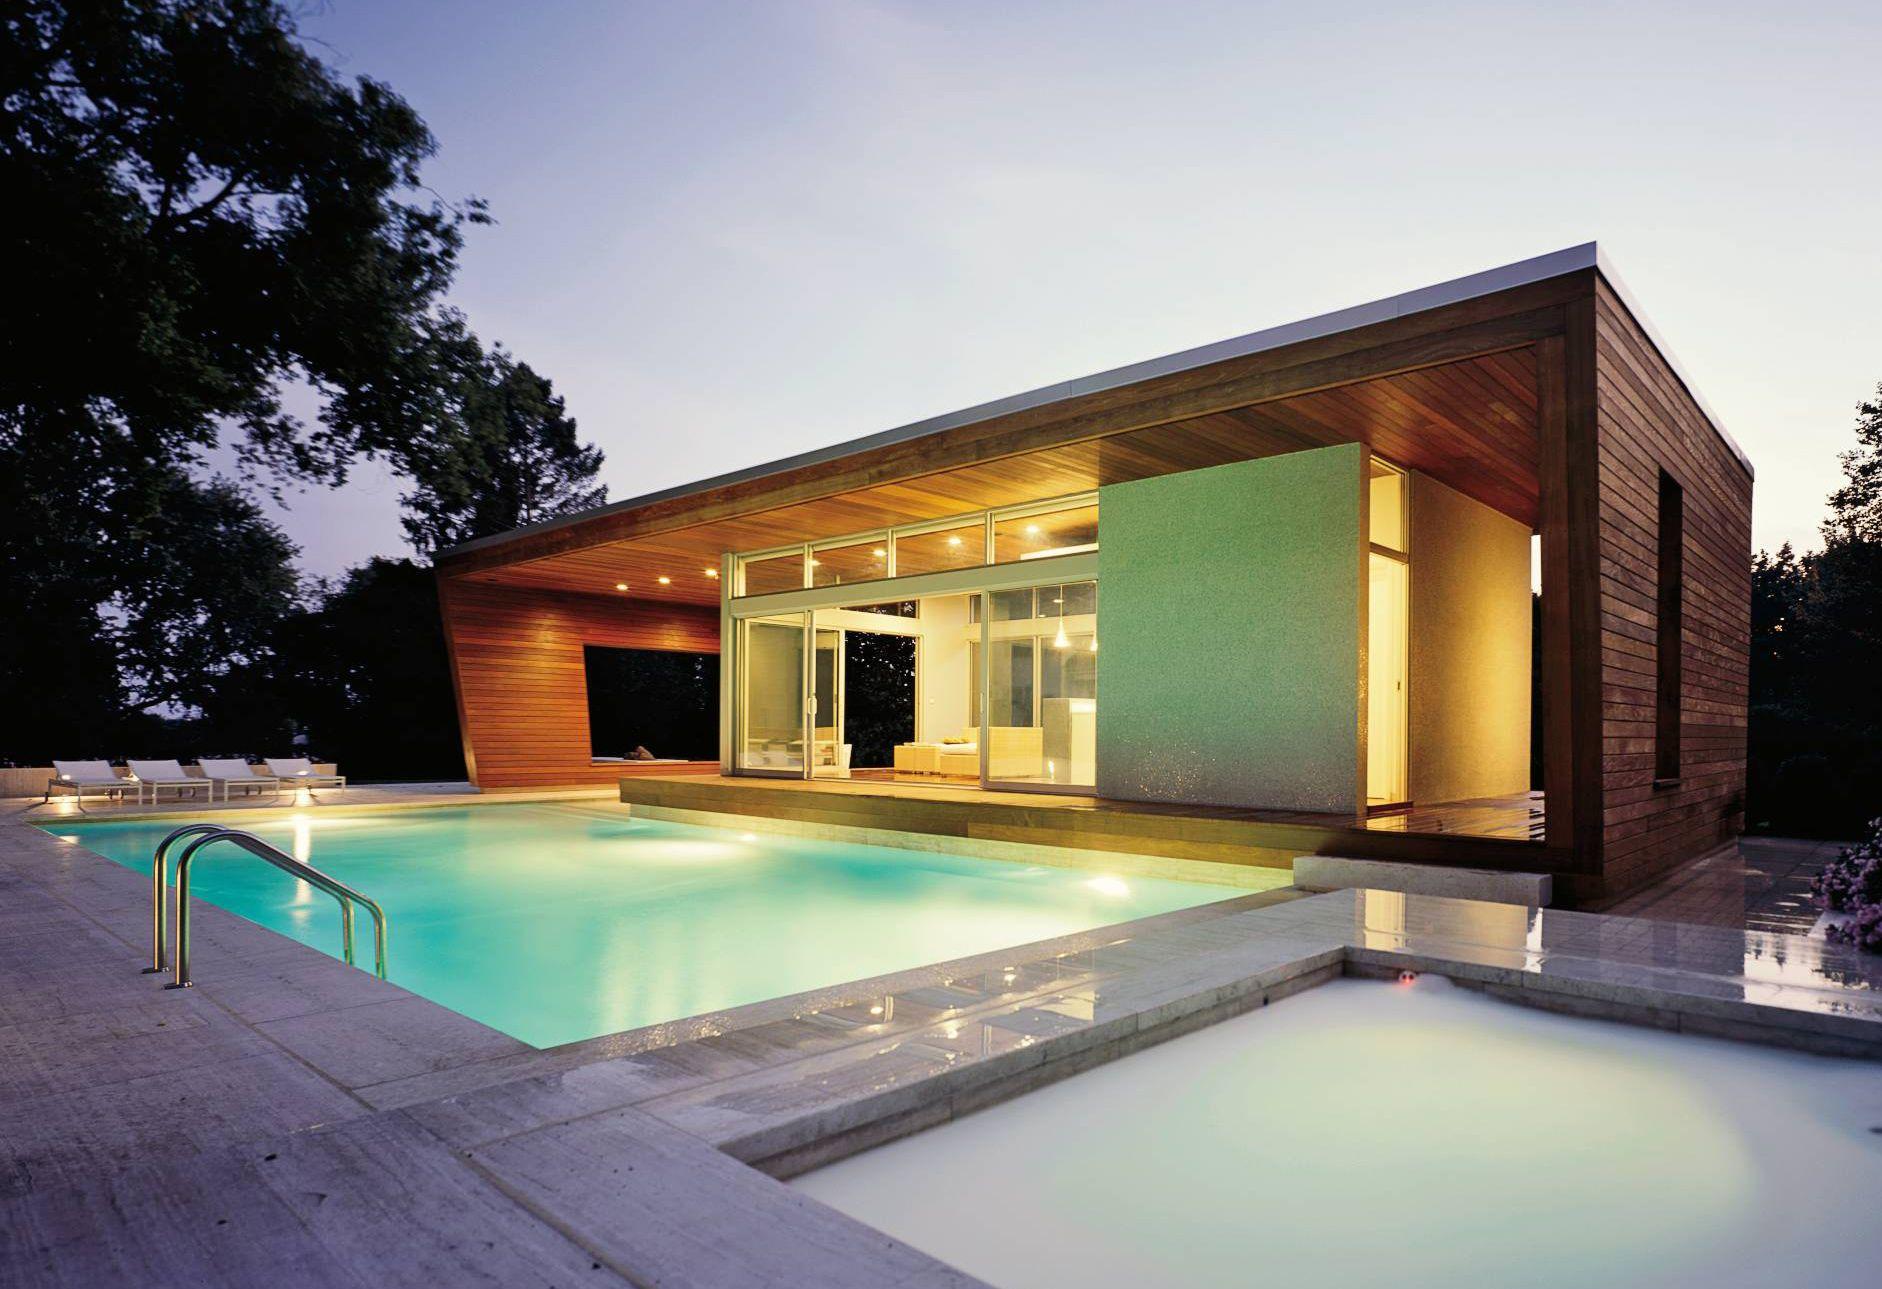 Swimming Pool Pool House Minimalist Design On Design Ideas Pool